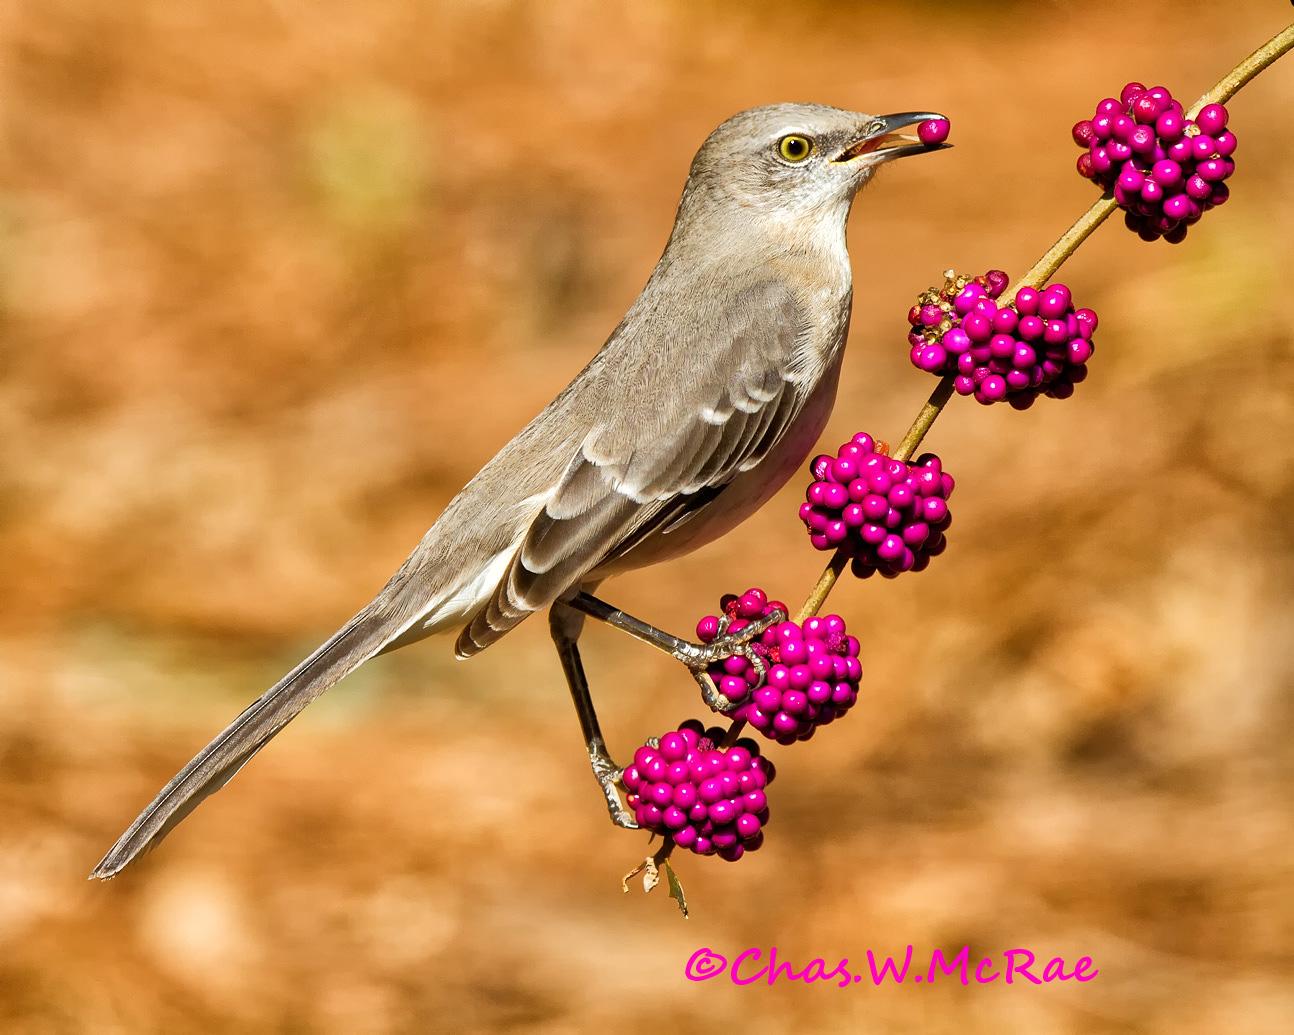 Mockingbird_beautyberry_Oct2010_00001.jpg